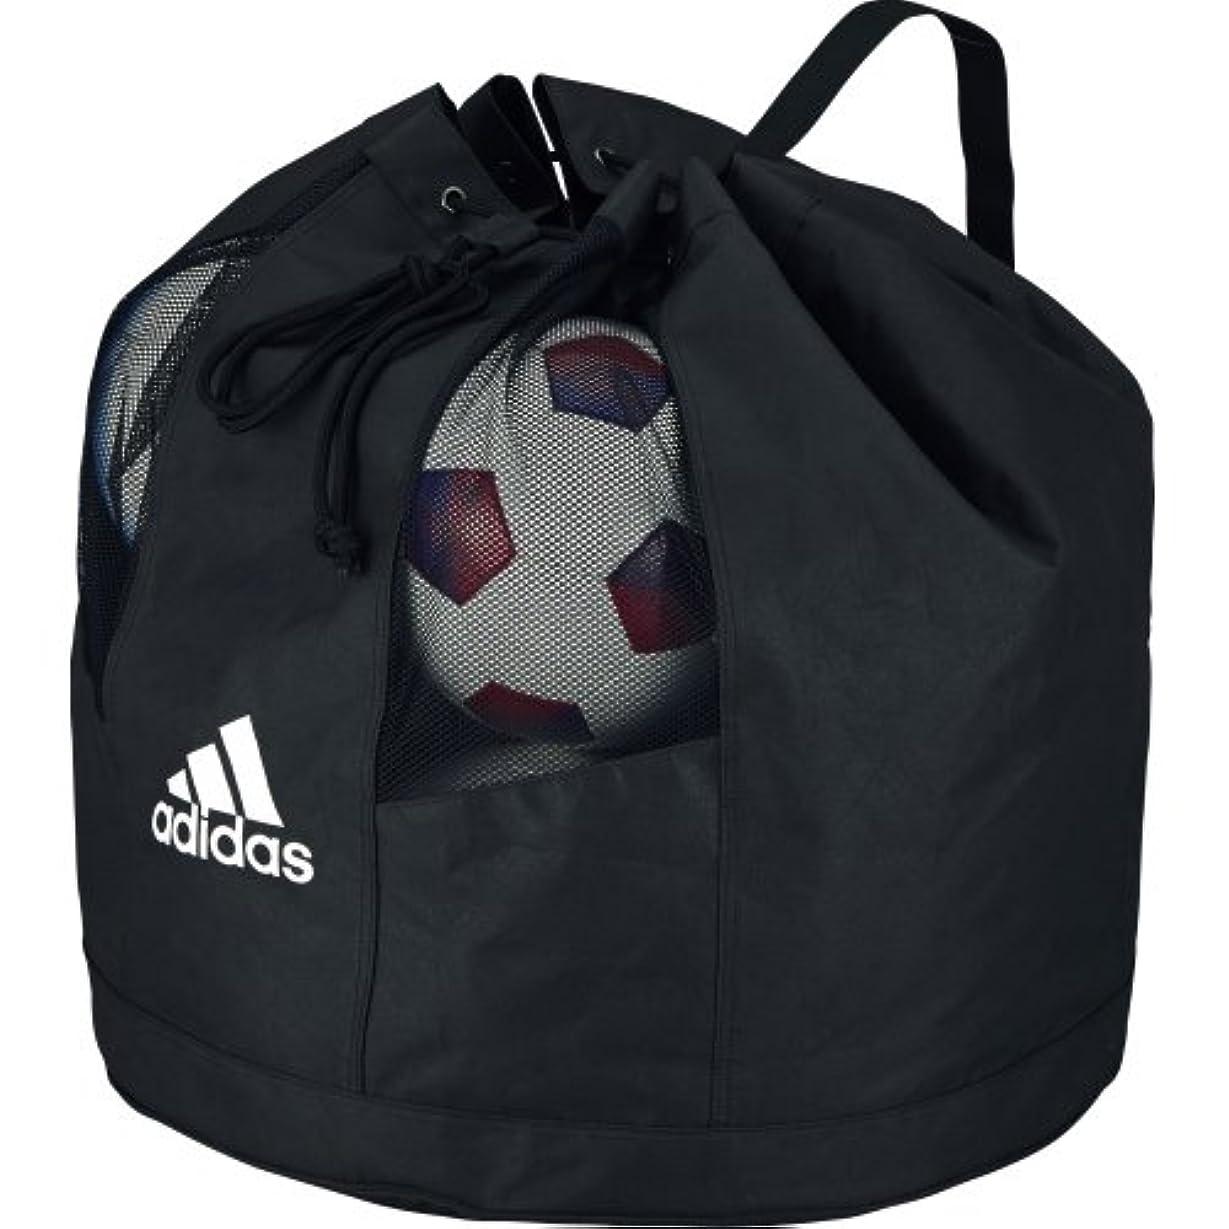 施し取得悪魔adidas(アディダス) ボールバッグ10個入れ AKN11BK 黒